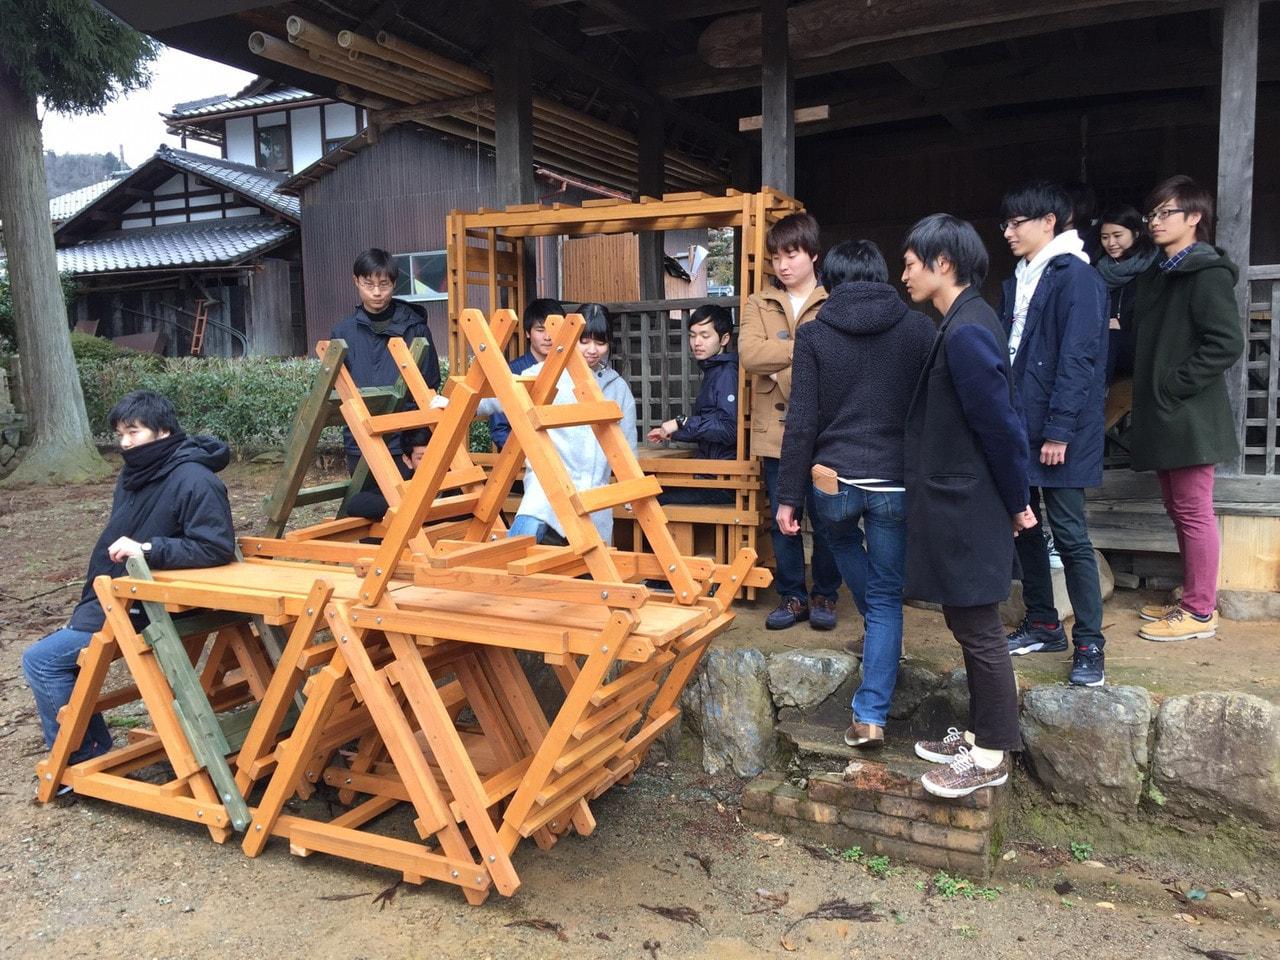 建築学科1年生、2年生が参加する美山木匠塾の活動記事が京都新聞に掲載、南丹市情報センターケーブルテレビにて放映